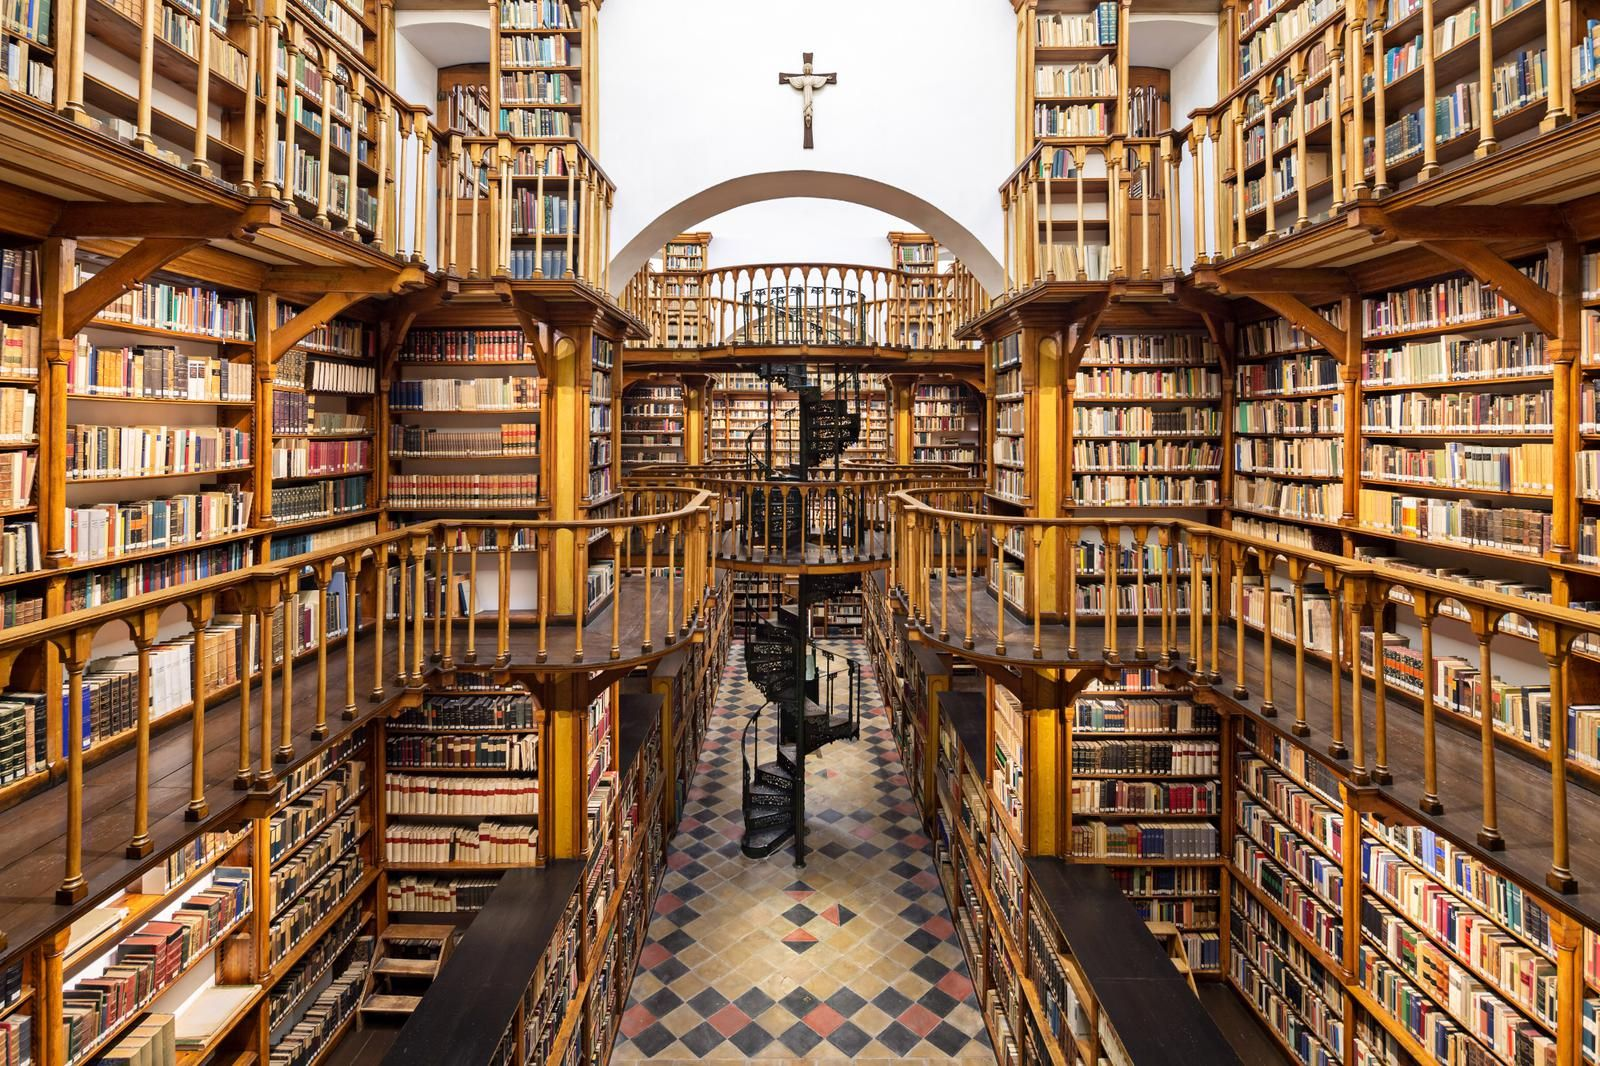 Die Klosterbibliothek gehört zu den besterhaltenen und schönsten Bibliotheken aus dem 19. Jahrhundert und besitzt mit dem neuen Bibliotheksmagazin 260.000 Bände. #photolibrary